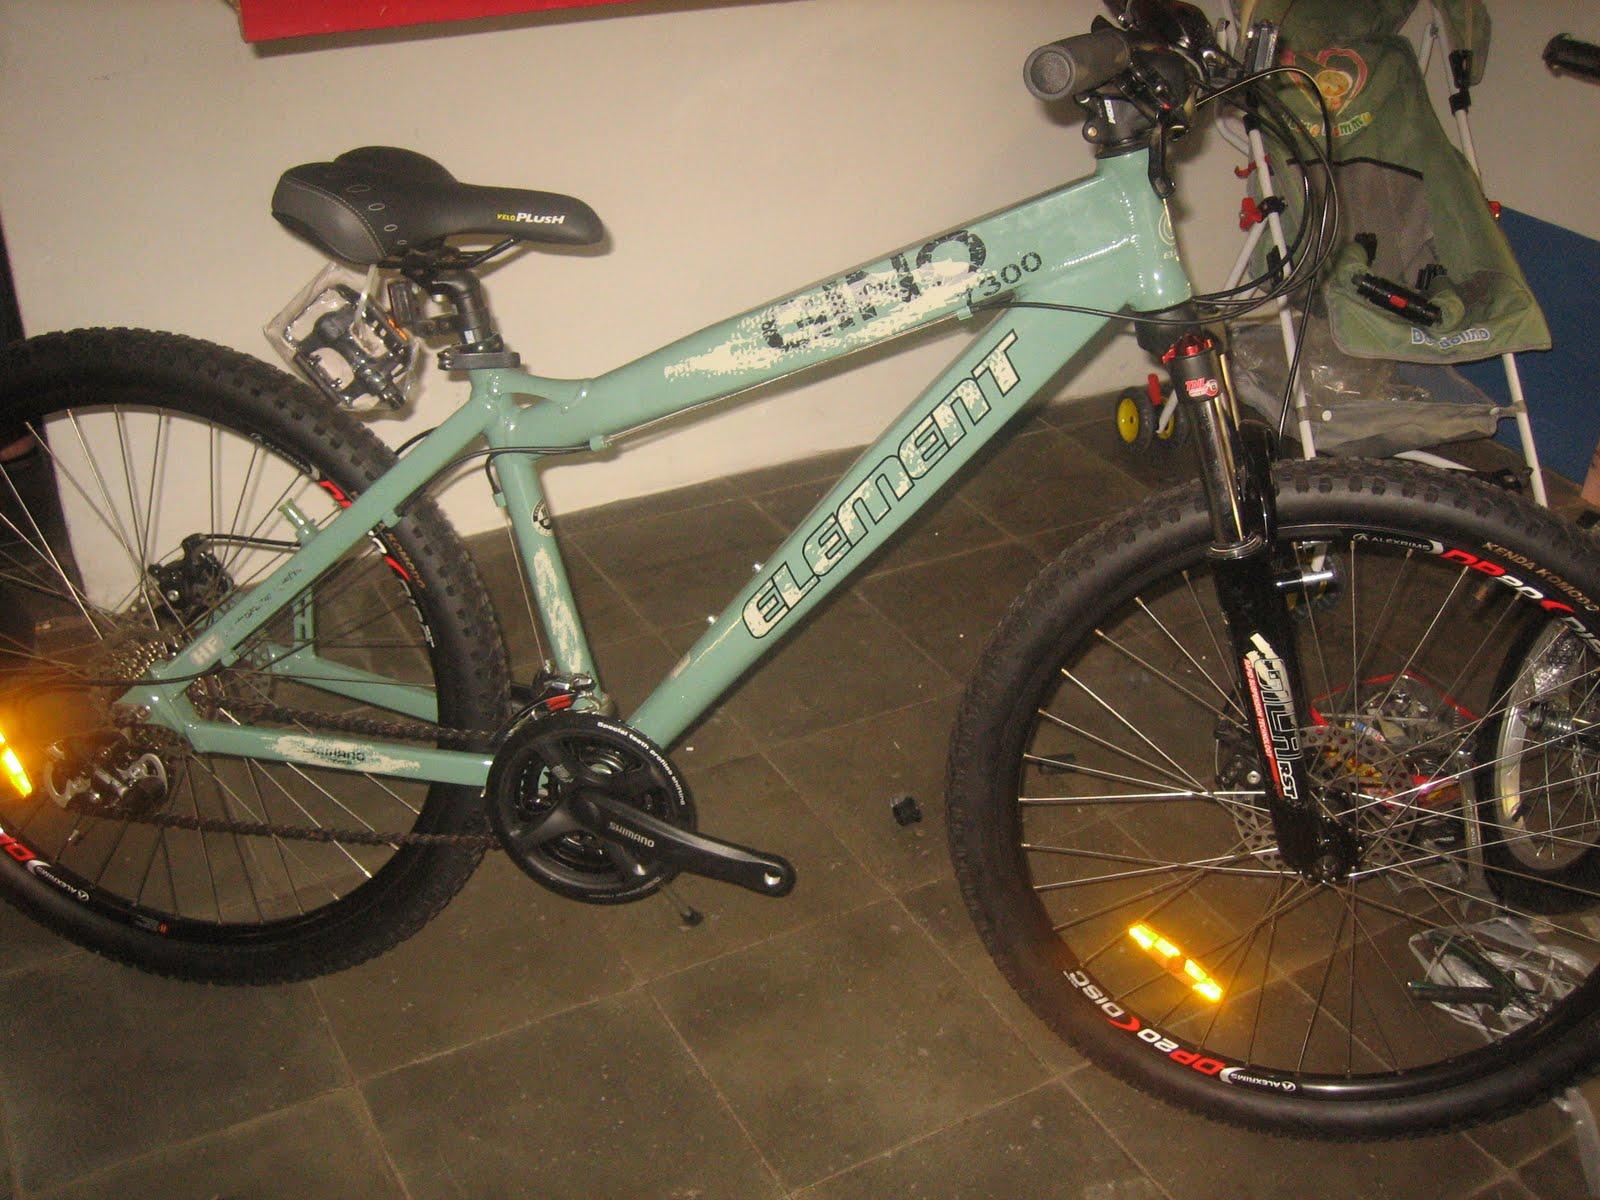 Tokosarana Mahasarana Sukses Sepeda Gunung Element Gino Dirt Jump Free Ride 26x16 Inci